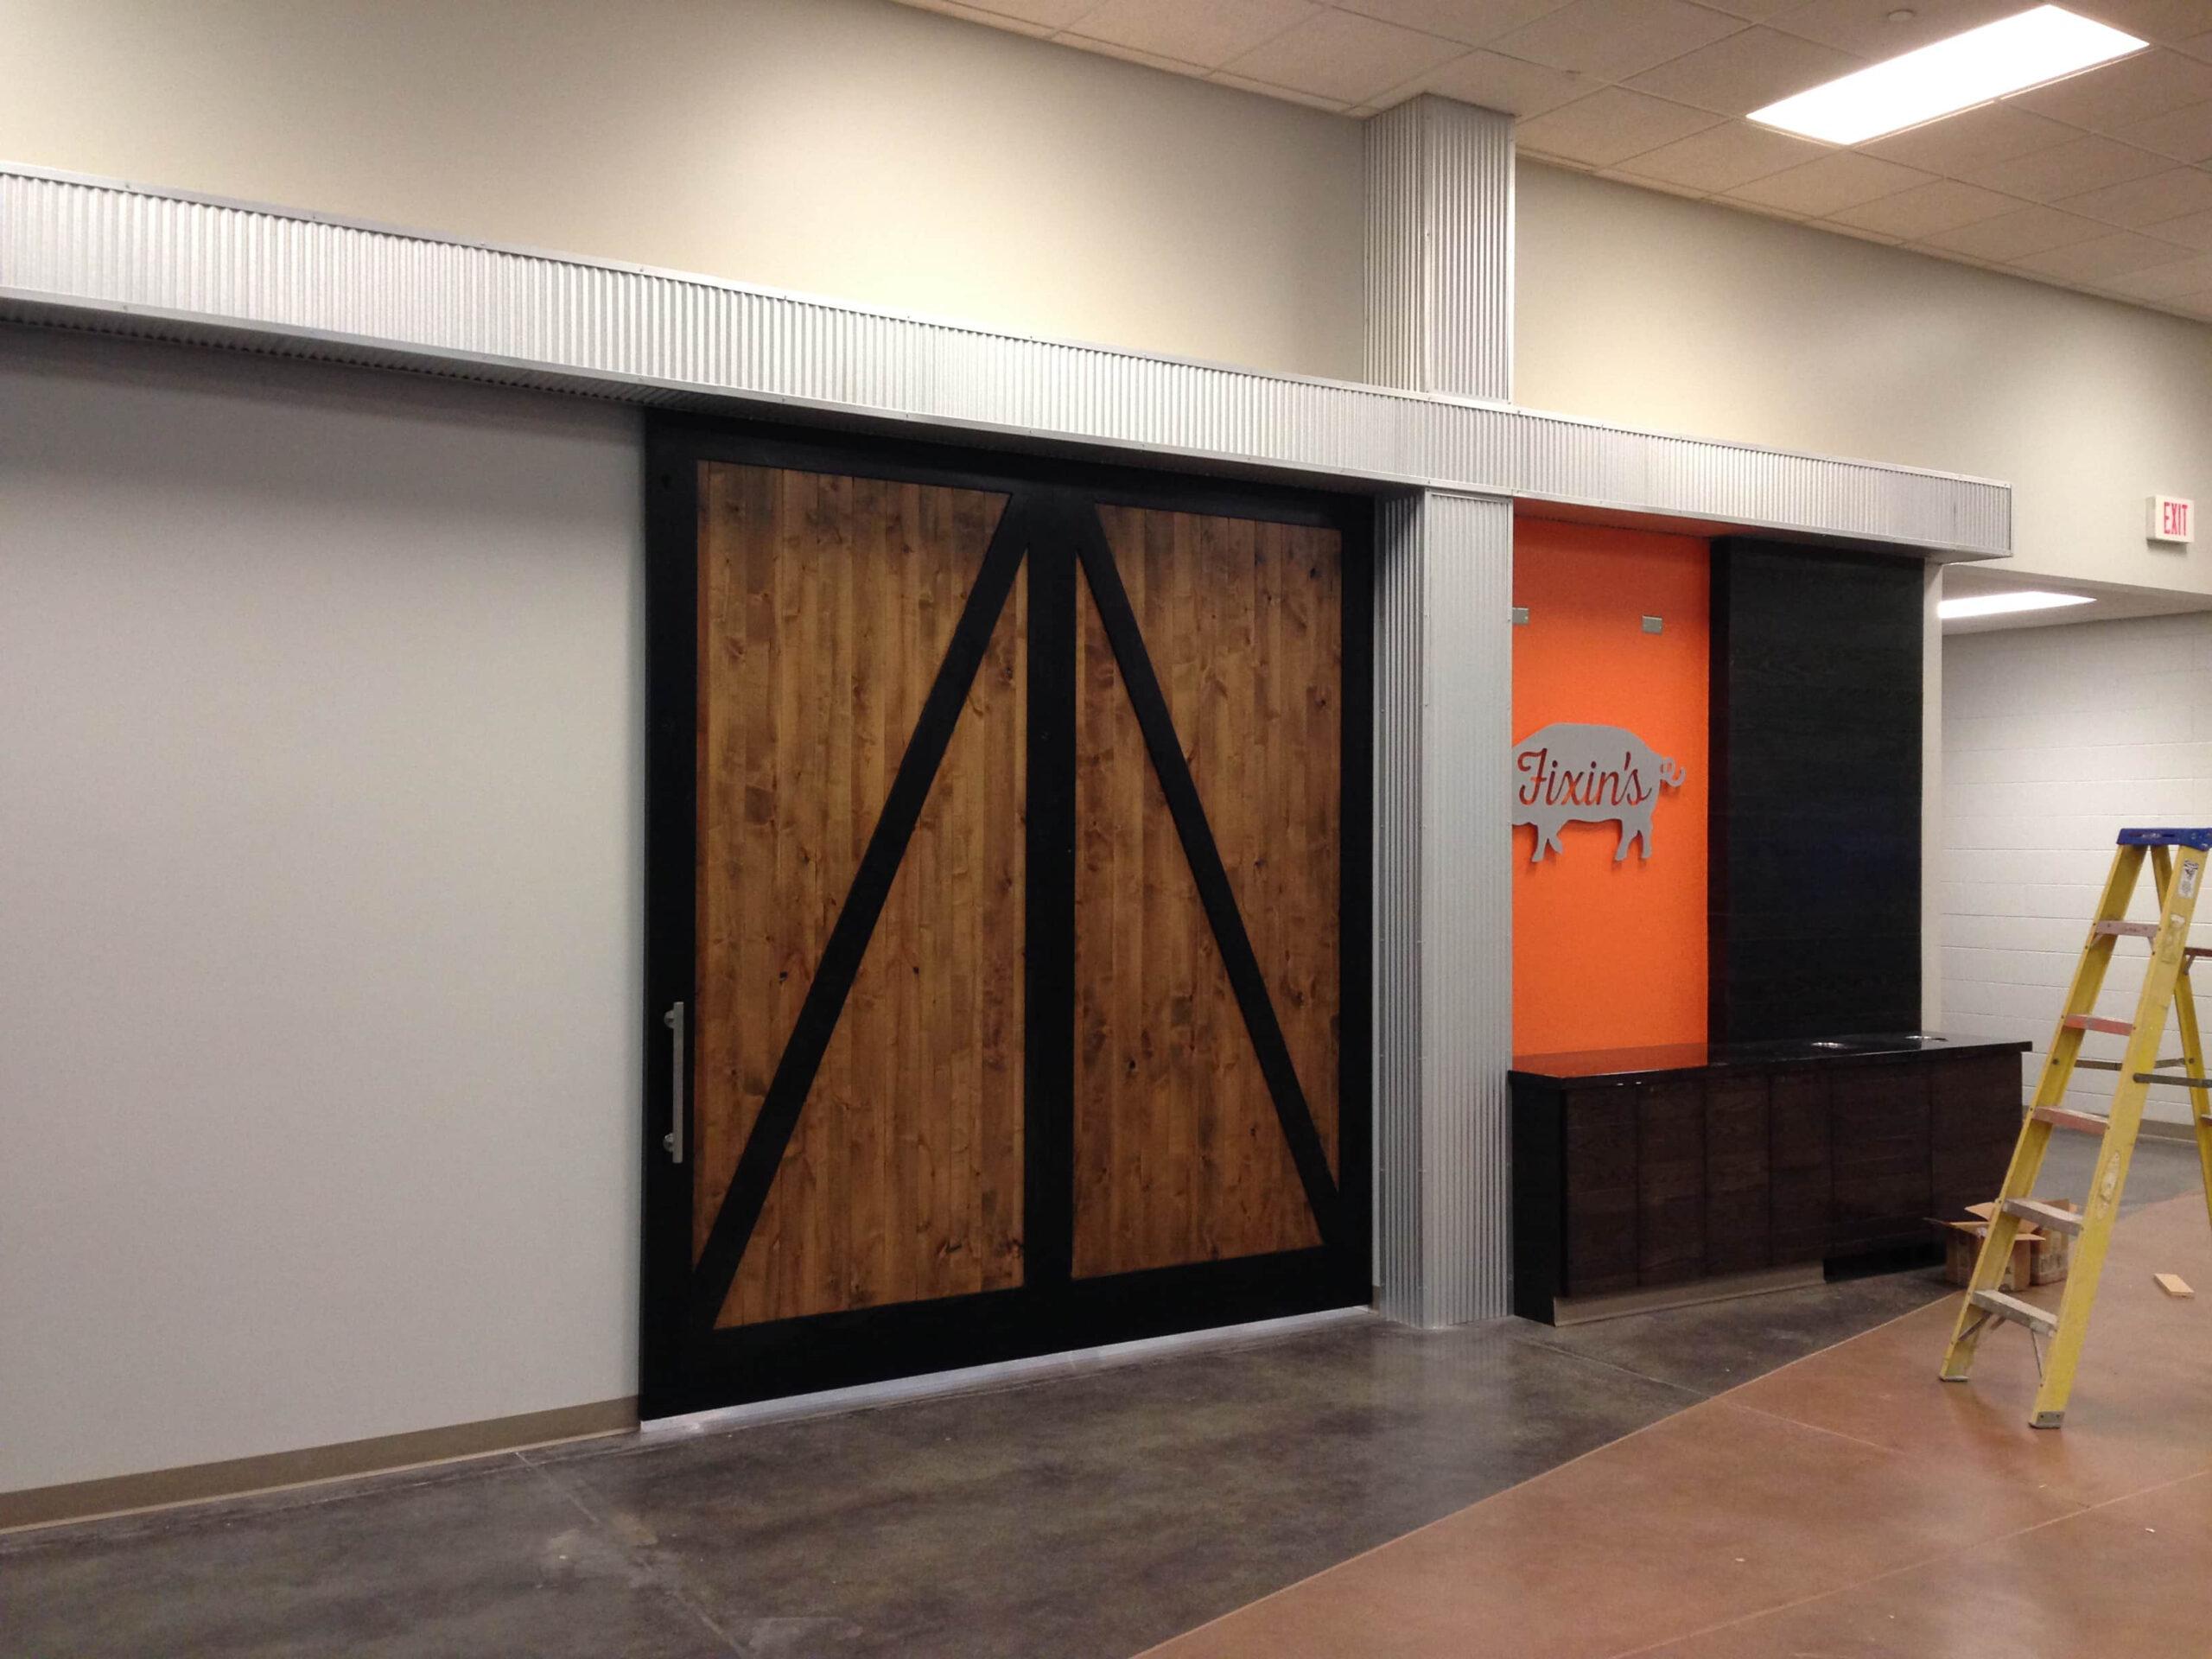 10. Back-to-back Z brace design – Single sliding door; Lancaster Event Center Lincoln, NE